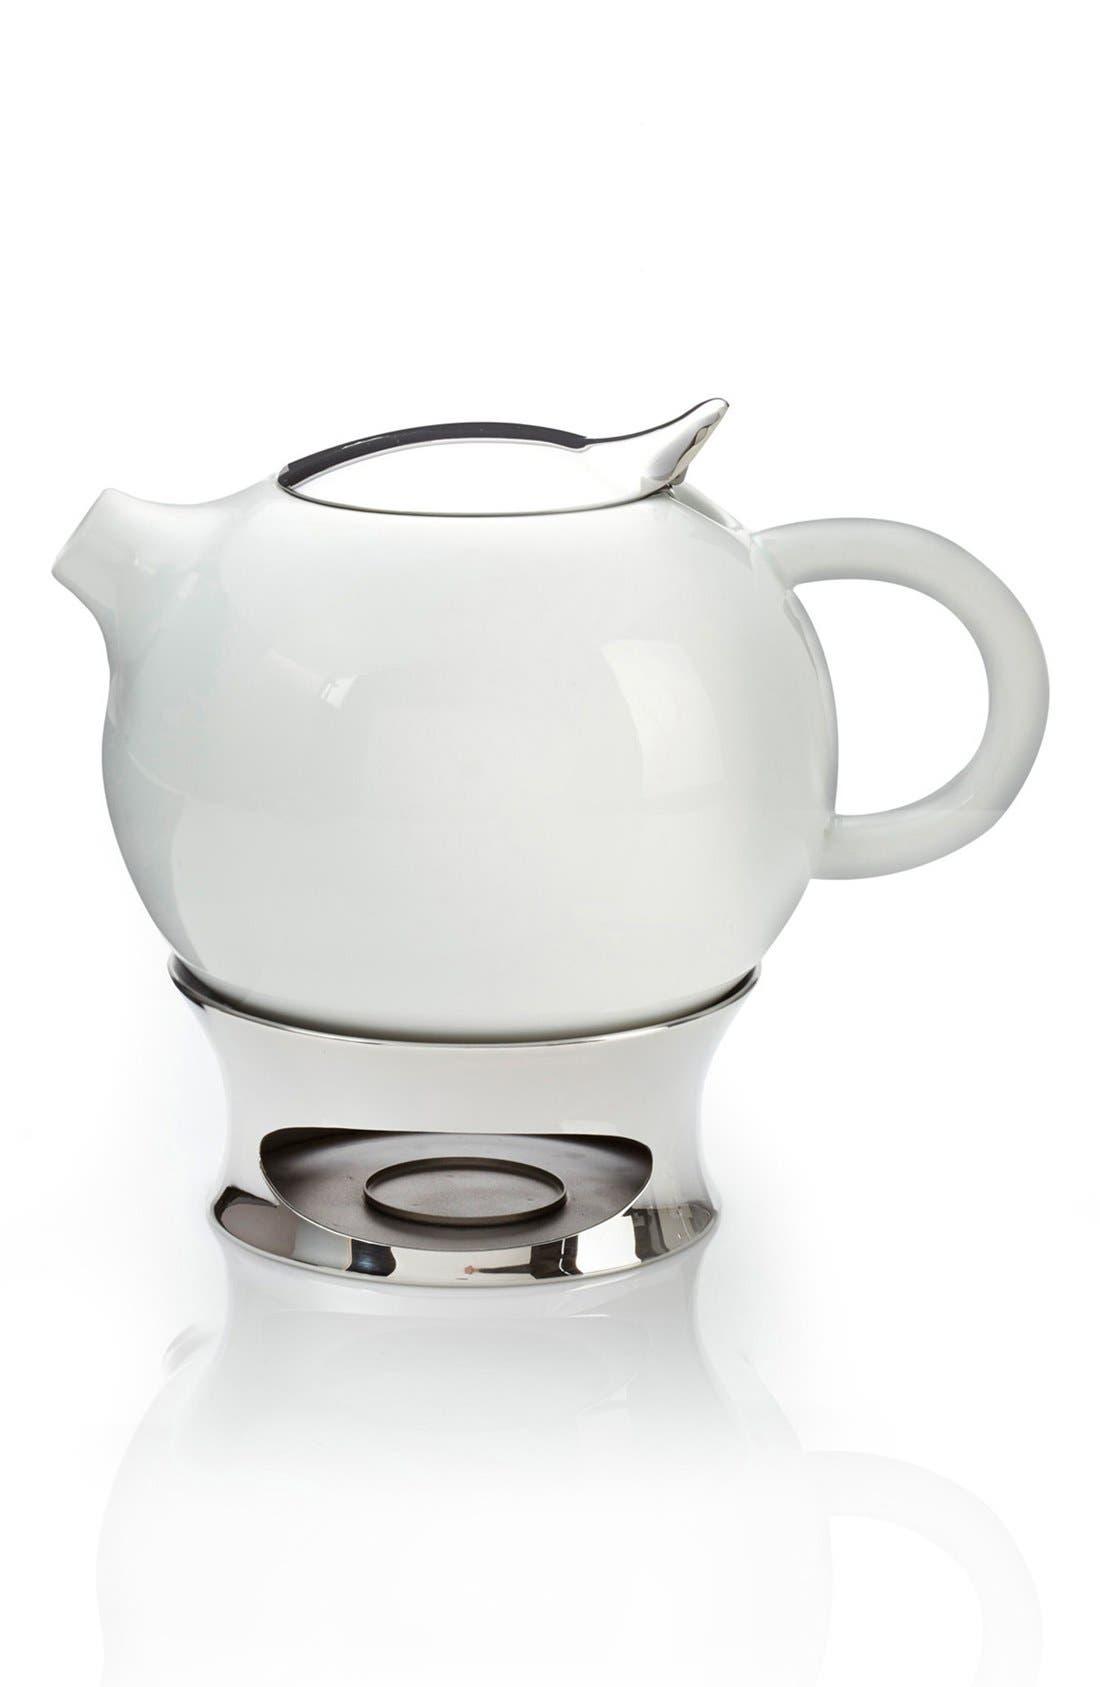 NAMBÉ 'Bulbo' Teapot with Infuser & Warming Base